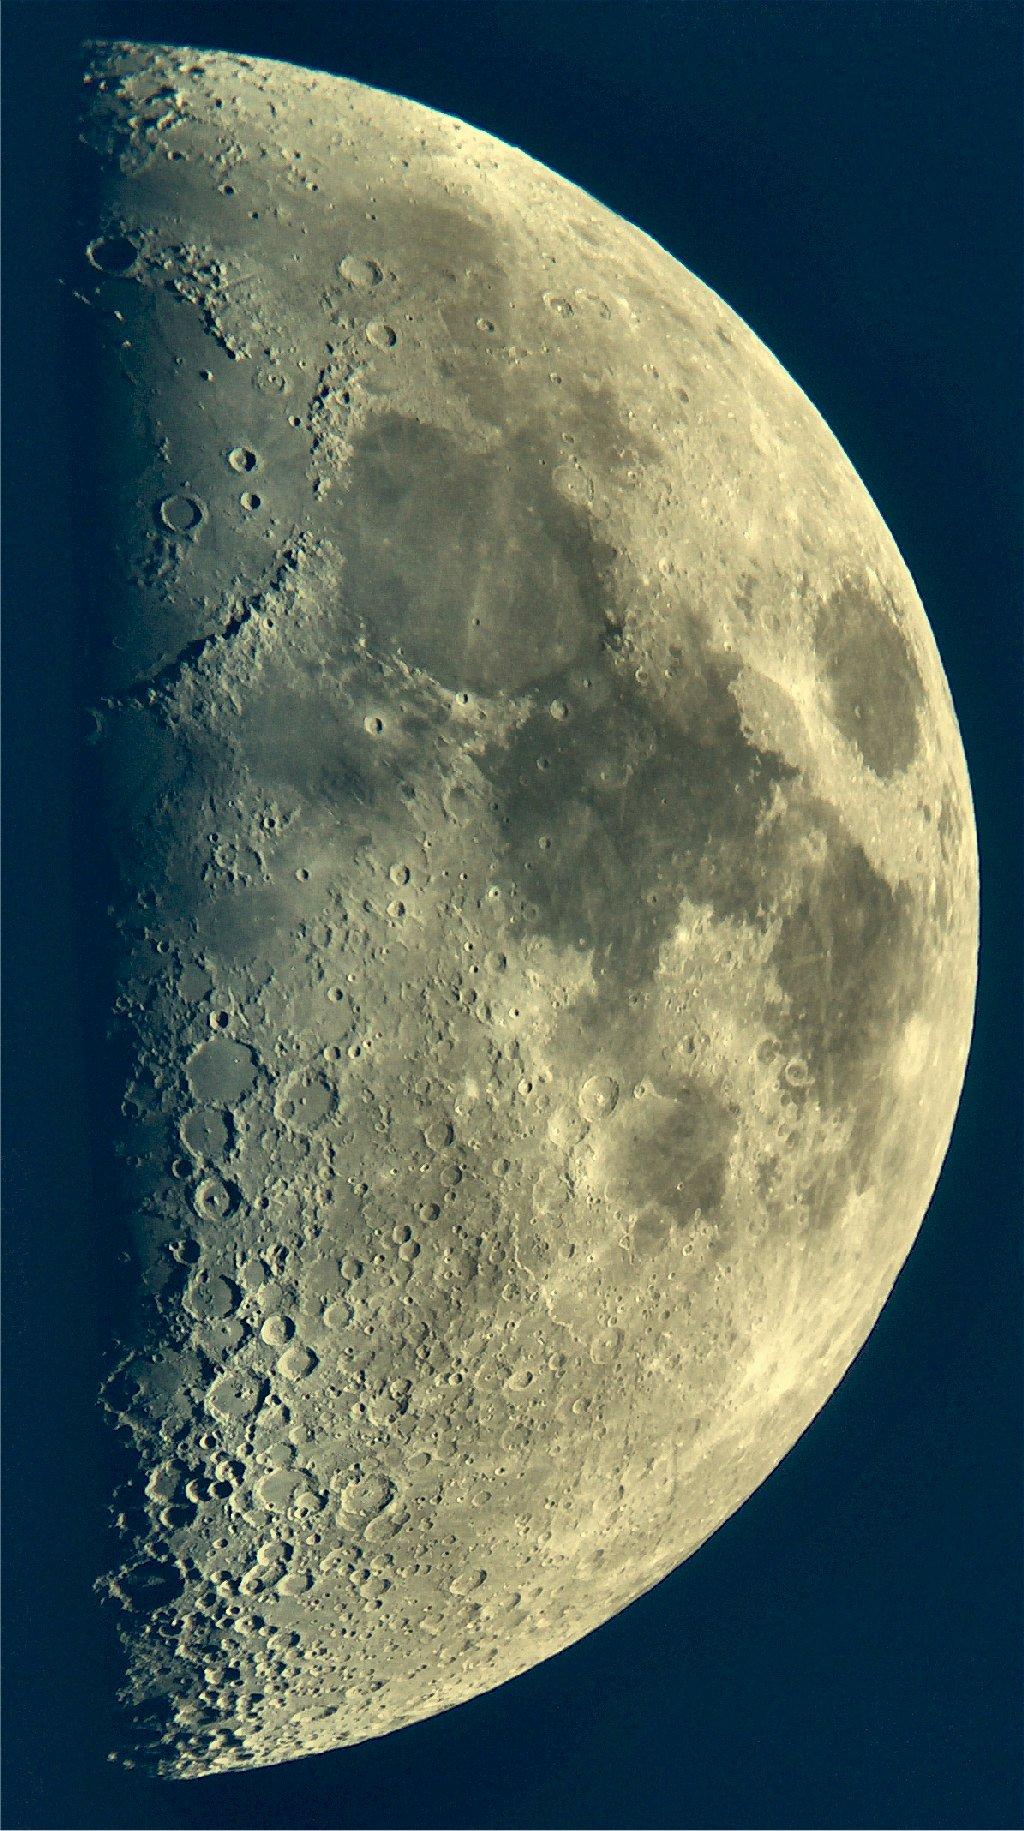 Mond14-7-05-2.jpg